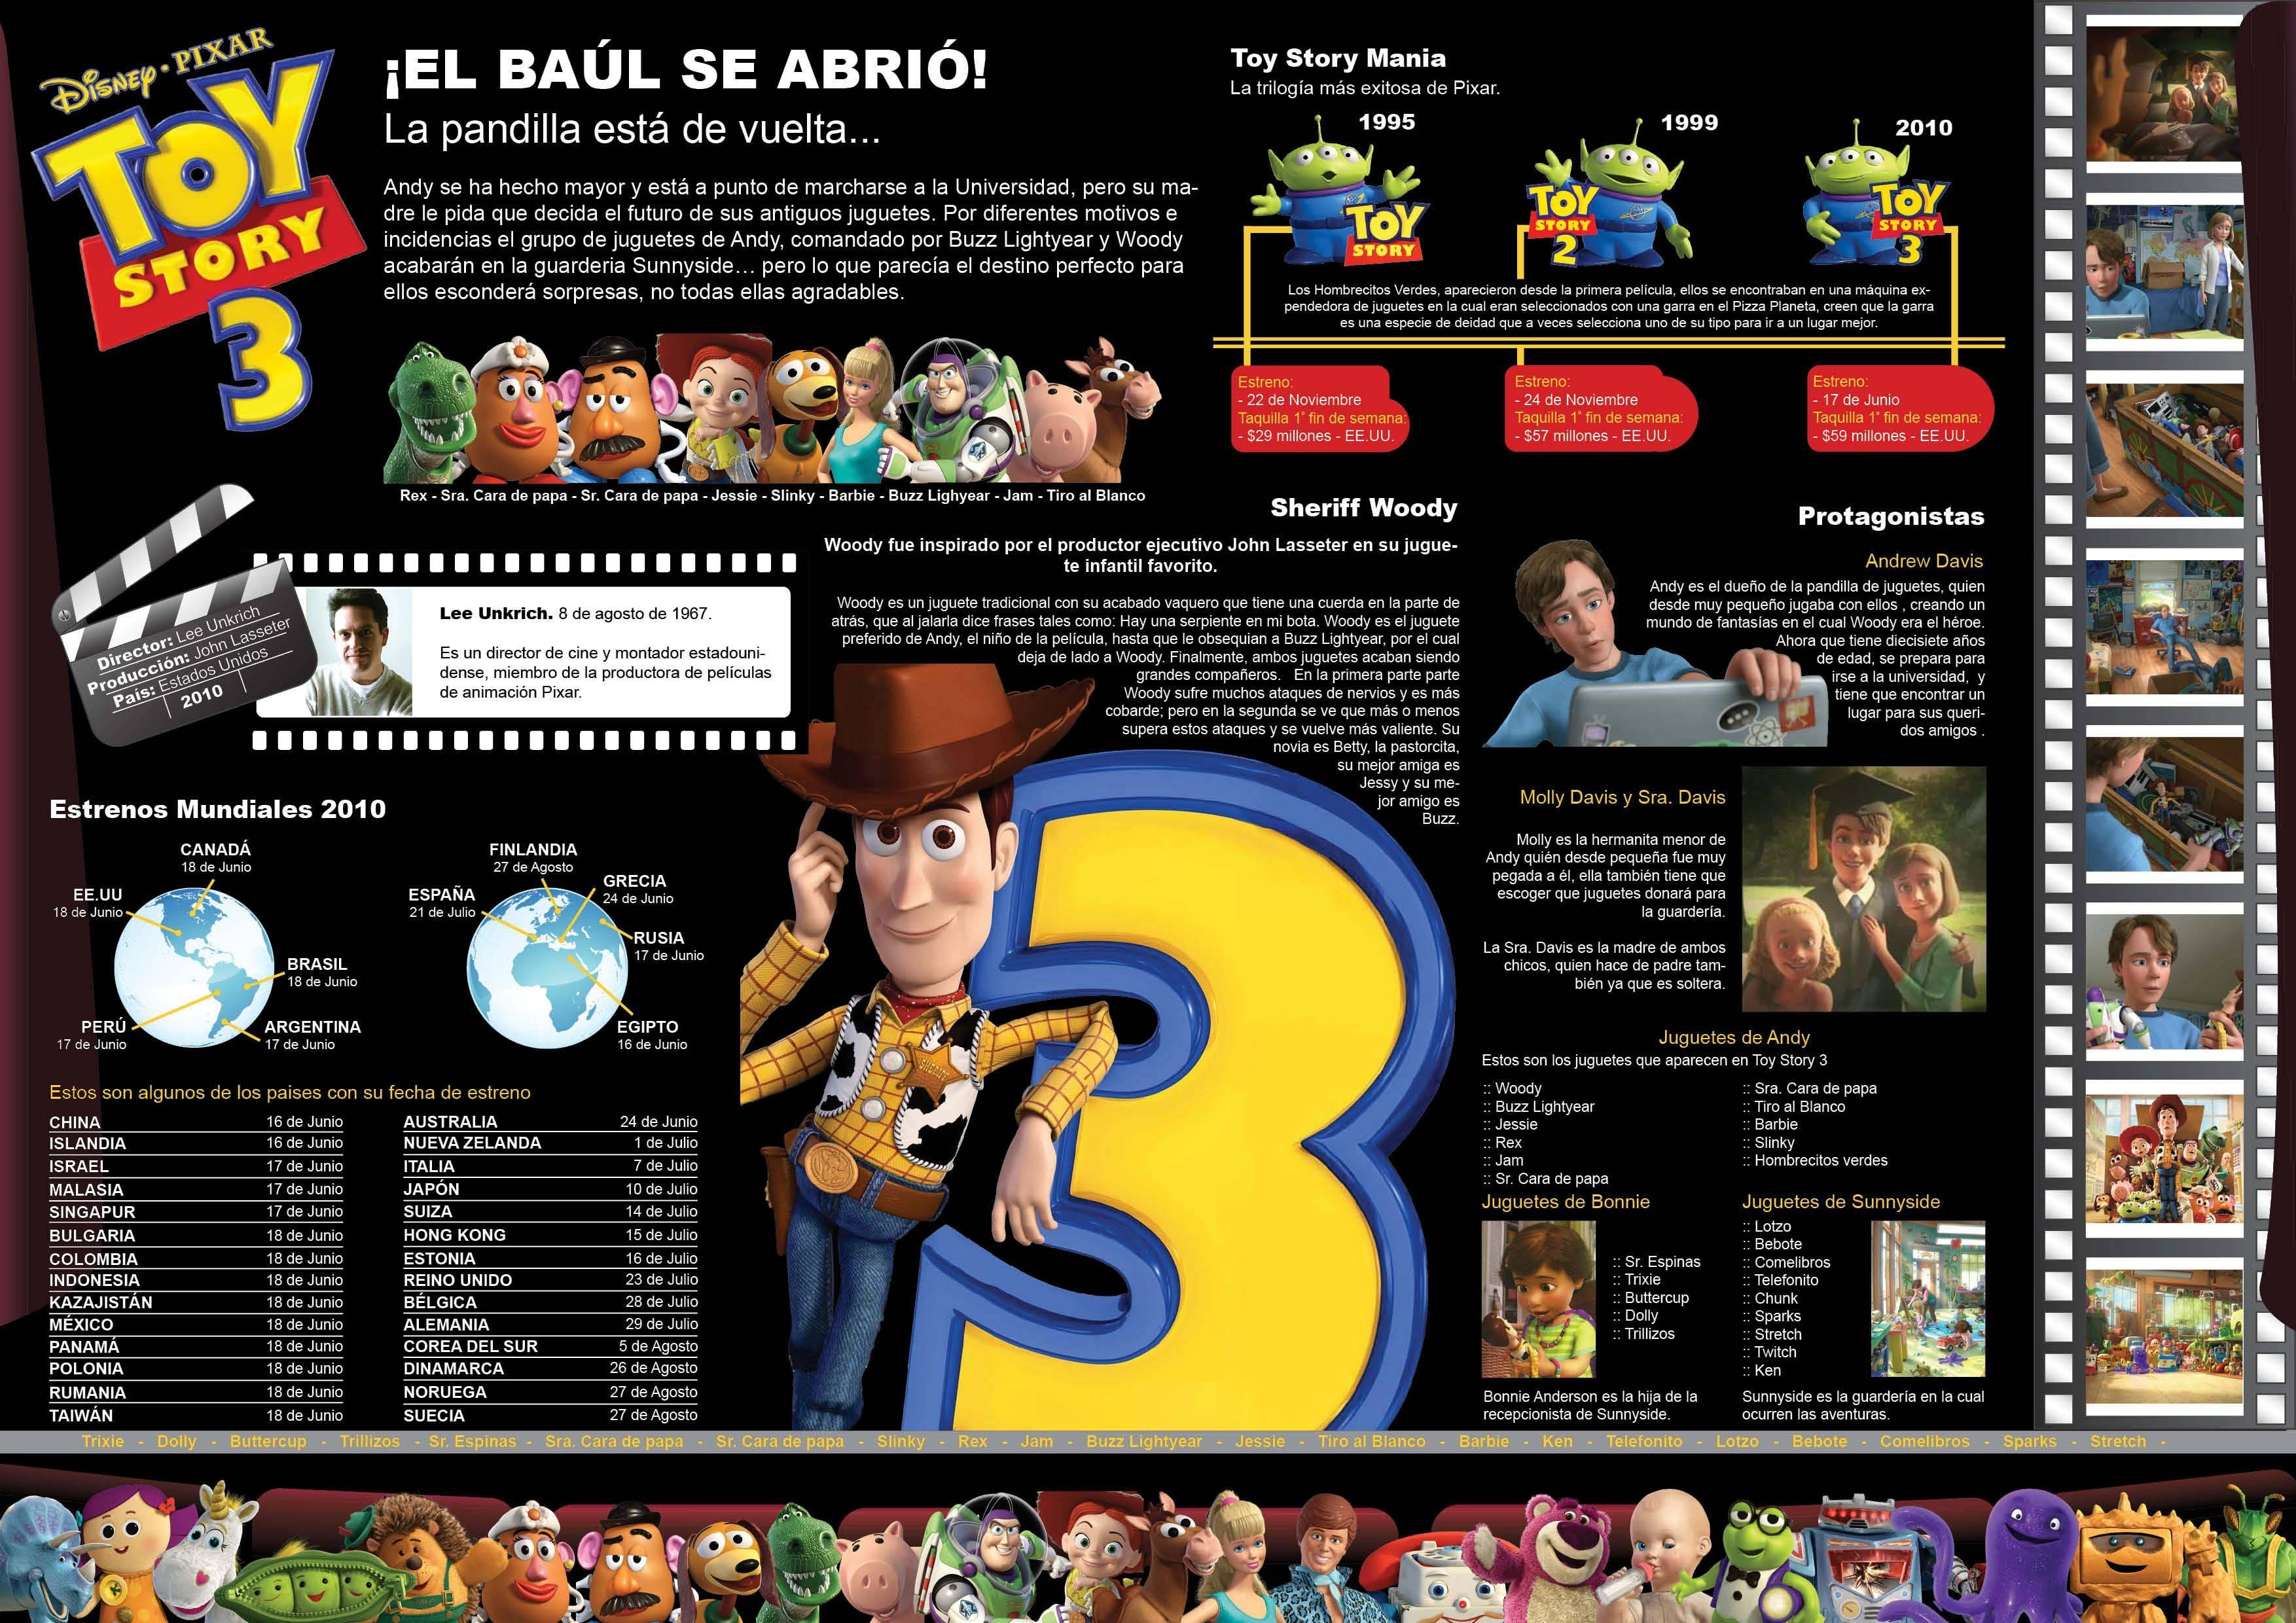 75 Infografias De Películas Información De Cine En Grafic Pelicula Toy Story Toy Story Peliculas